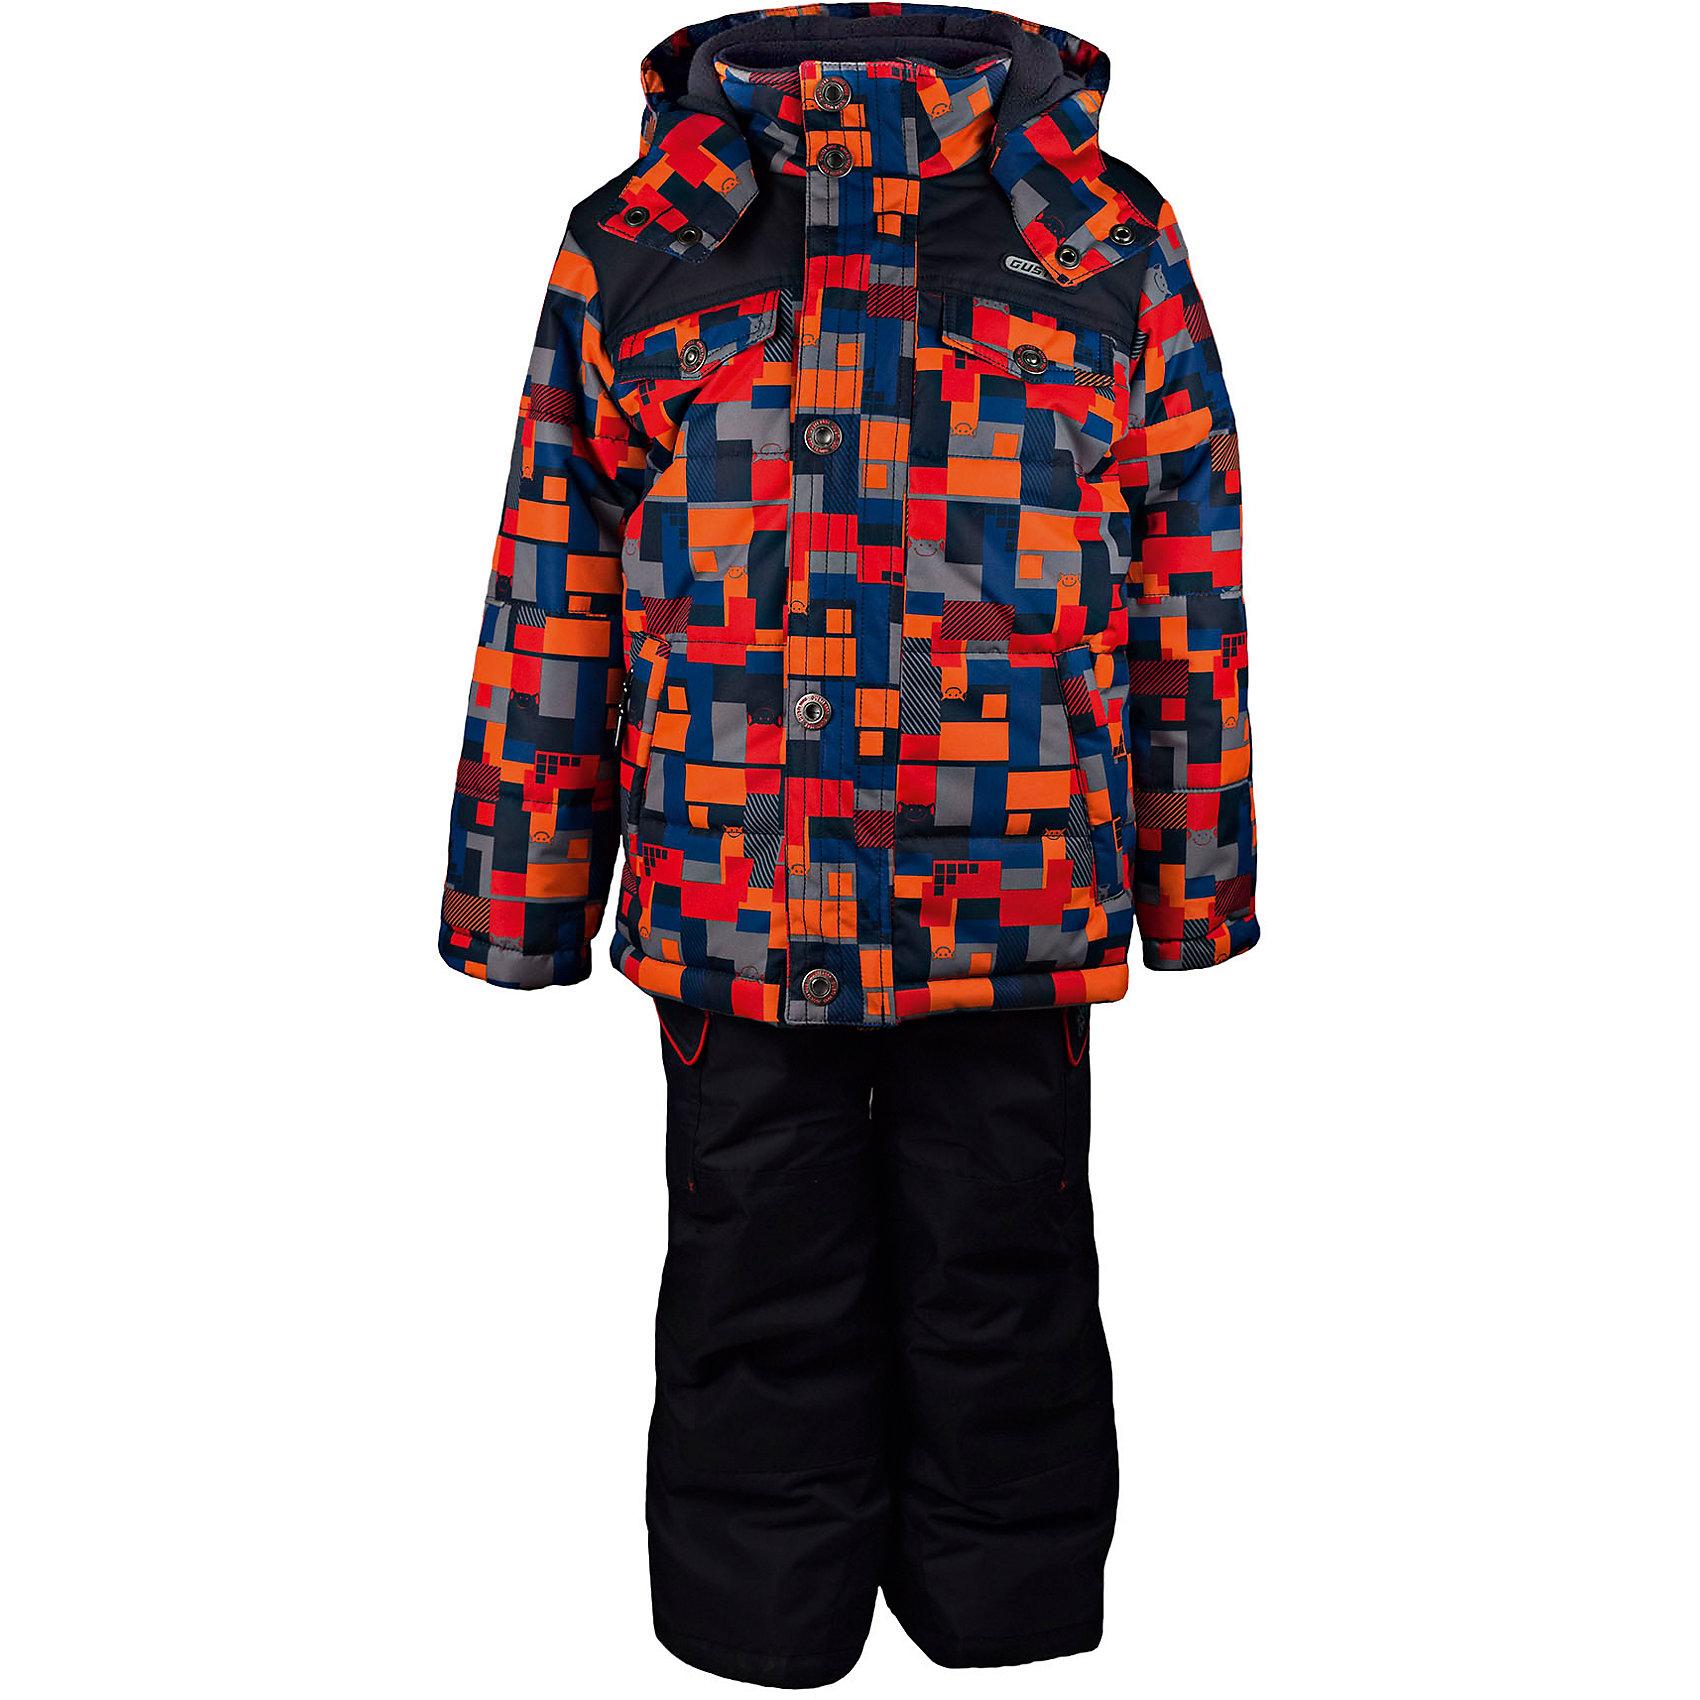 Комплект: куртка и полукомбинезон GUSTIКомплект: куртка и полукомбинезон GUSTI (ГУСТИ) – это идеальный вариант для суровой зимы с сильными морозами.<br><br>Температурный режим: до -30  градусов. Степень утепления – высокая. <br><br>* Температурный режим указан приблизительно — необходимо, прежде всего, ориентироваться на ощущения ребенка. Температурный режим работает в случае соблюдения правила многослойности – использования флисовой поддевы и термобелья.<br><br>Комплект от GUSTI (ГУСТИ) состоит из куртки и полукомбинезона прямого кроя, выполненных из плотного непромокаемого материала с защитной от влаги мембраной 5000 мм. Тань хорошо сохраняет тепло, отталкивает влагу и позволяет коже ребенка дышать. Утеплитель из тек-полифилла и флисовая внутренняя отделка на груди и на спинке дают возможность использовать комплект при очень низких температурах. Куртка застегивается на молнию с ветрозащитной планкой, имеет два накладных кармана с клапанами и два внутренних кармана на застежках-молниях, снегозащитную юбку, трикотажные манжеты в рукавах, отстёгивающийся прилегающий капюшон с флисовой подкладкой. Полукомбинезон застегивается на молнию, имеет два накладных кармана с клапанами на липучках, регулируемые лямки, снегозащитные гетры. Длина брючин регулируется (отворот с креплением на липе). Сзади, на коленях, и по низу брючин имеется дополнительный слой ткани Cordura Oxford (сверхстойкий полиэстер). До размера 6х (120 см.) у полукомбинезона высокая грудка, в размерах 7 (122 см.) - 14 (164см) отстегивающаяся спинка, грудки нет. Модель подходит для прогулок на морозе до -30 градусов.<br><br>Дополнительная информация:<br><br>- Сезон: зима<br>- Пол: мальчик<br>- Цвет: оранжевый, красный, синий, серый, черный<br>- Узор: мозаика<br>- Температурный режим до -30 градусов<br>- Материал верха: куртка - shuss 5000мм (100% полиэстер); брюки - taslan 5000мм, накладки Cordura Oxford сзади, на коленях, и по низу брючин<br>- Наполнитель: куртка - тек-полифилл плотностью 283 гр/м (10 унций